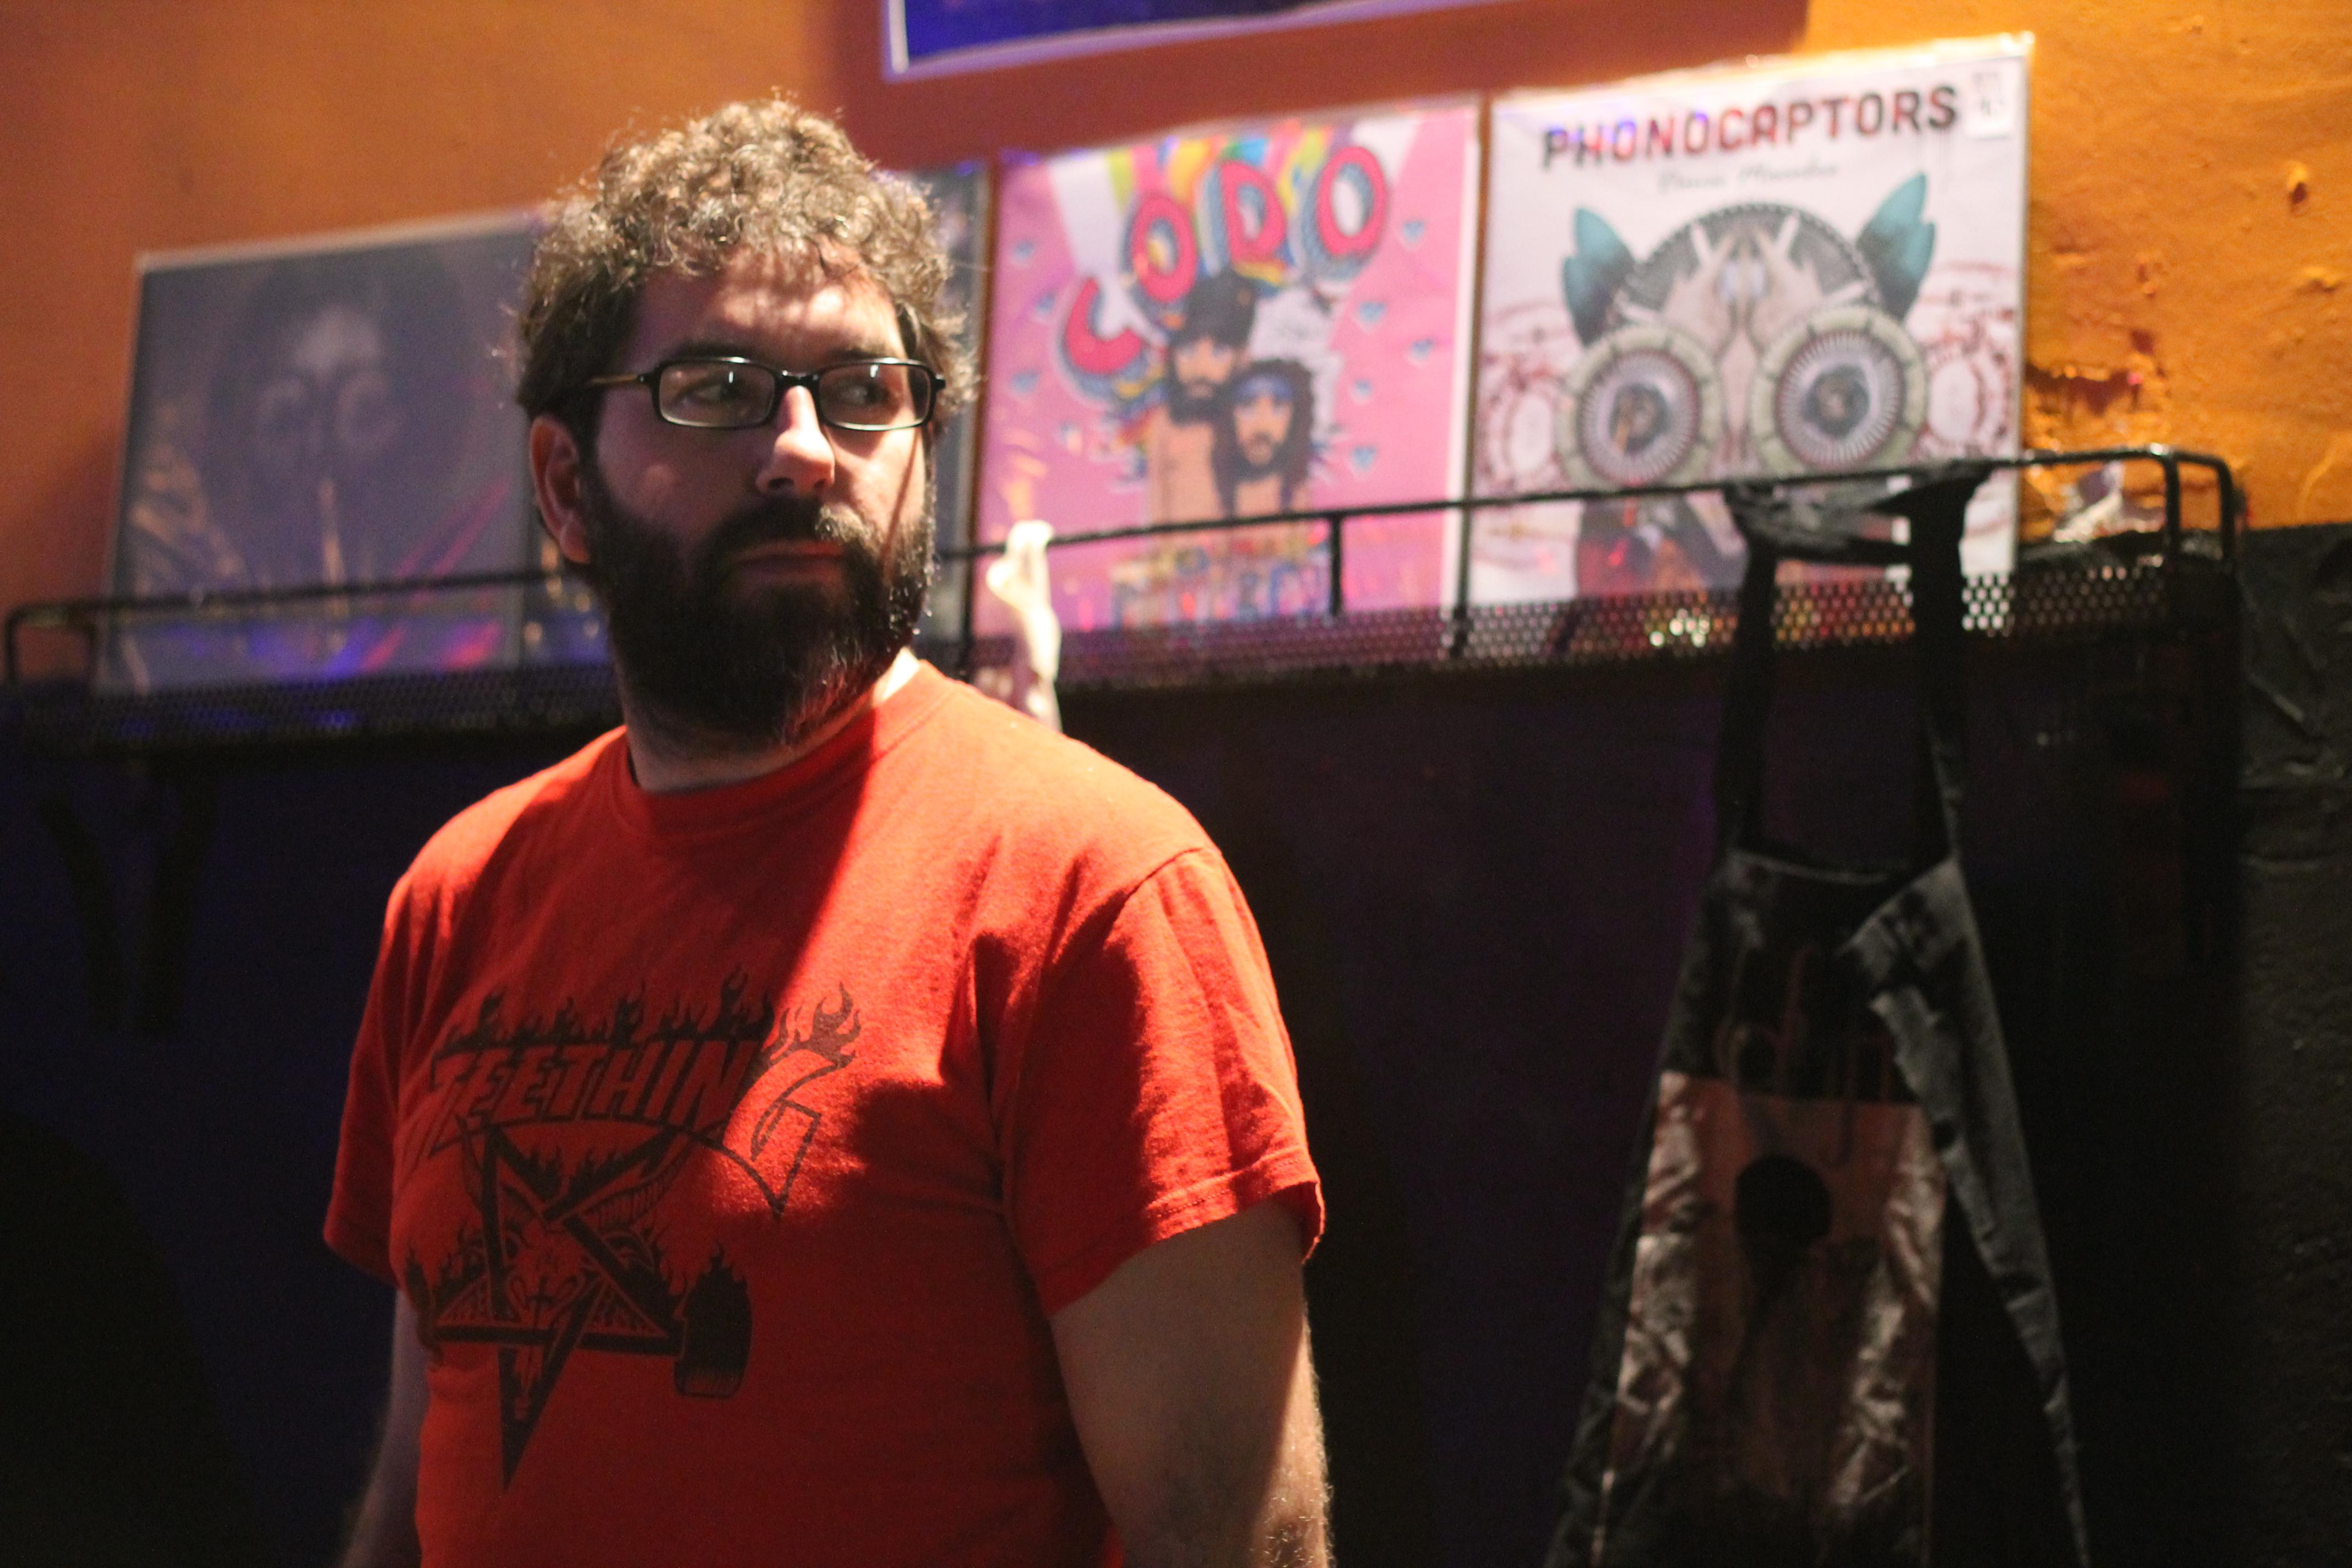 Alex Nooirax